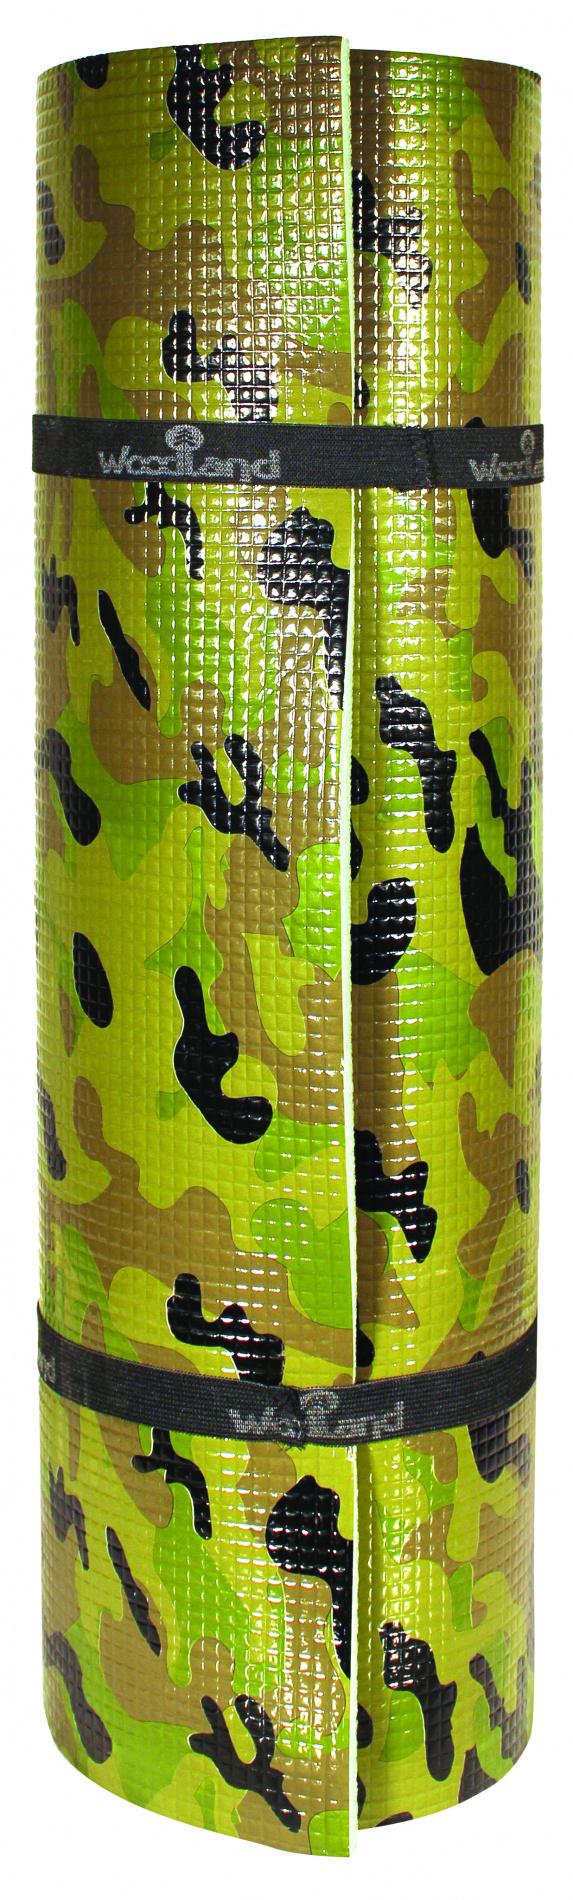 Коврик WoodLand Forest 10 camo (1800x550x10 мм, цвет хаки)Коврики туристические<br>Коврики серии Forest, изготовлены из химически <br>вспененного пенополиэтилена высокого качества, <br>который проходит дополнительный ОТК ,так <br>как это эксклюзивная серия. Рулонные коврики <br>Forest имеют стандартные размеры и комплектуются <br>двумя утяжками из эластичной стропы. На <br>каждом изделии есть индивидуальный стикер <br>с названием и информацией. Forest 10 camo - аналог <br>7102CS, так же имеет плотность 33кг / м? (30 по <br>ШОР). Дублирован усиливающей пленкой (камуфляж), <br>которая выполняет не только декоративные, <br>но и усиливающие функции. Размер: 1800 * 550 <br>* 10 мм Цвет: олива / камуфляж<br>